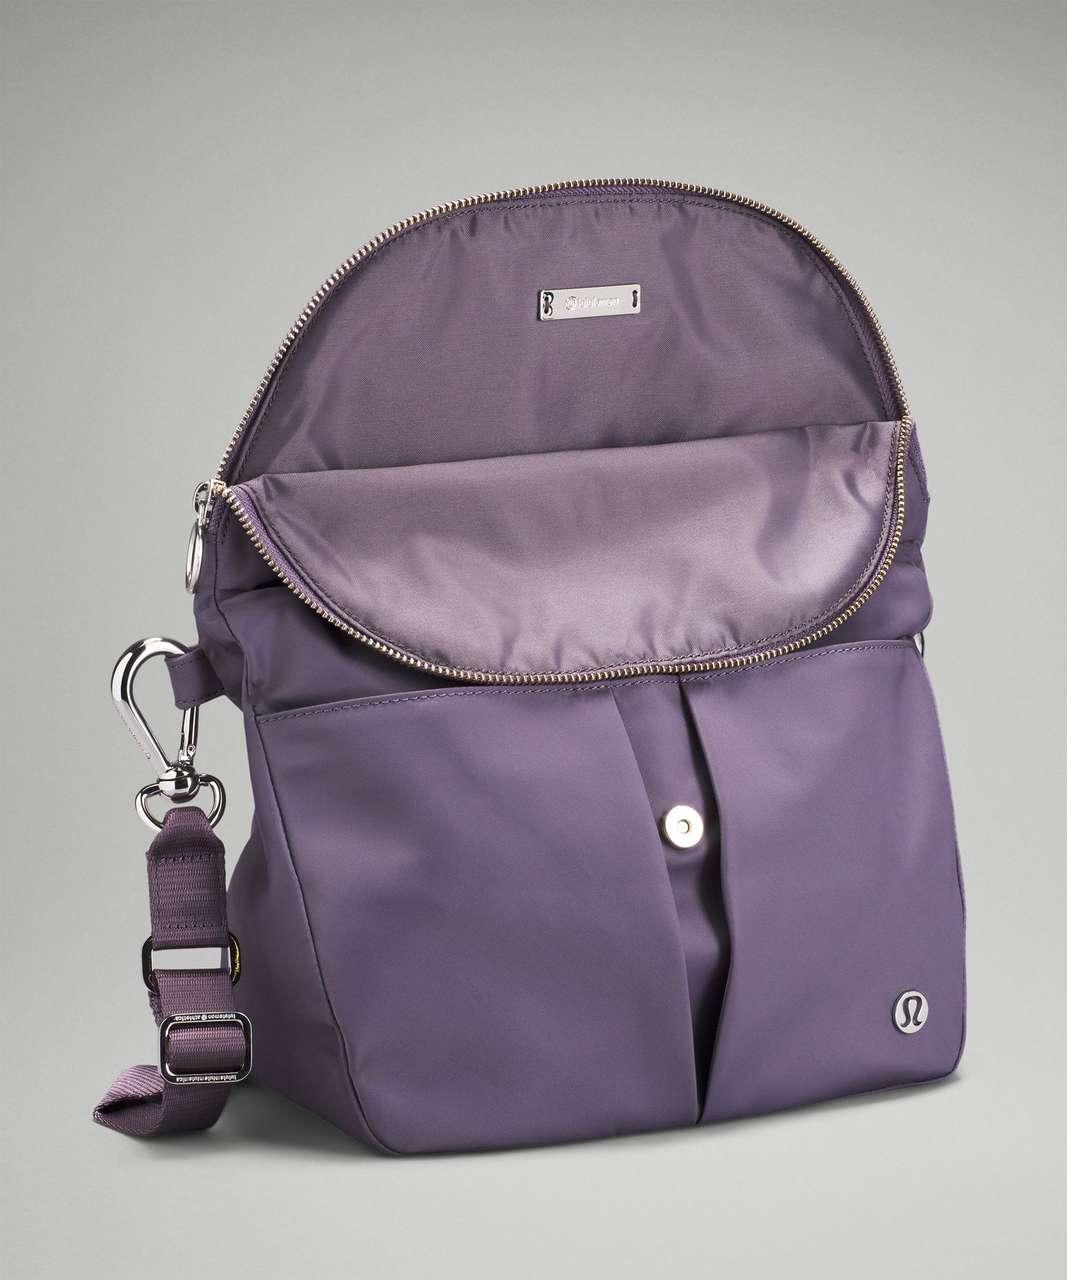 Lululemon All Night Festival Bag - Dusky Lavender